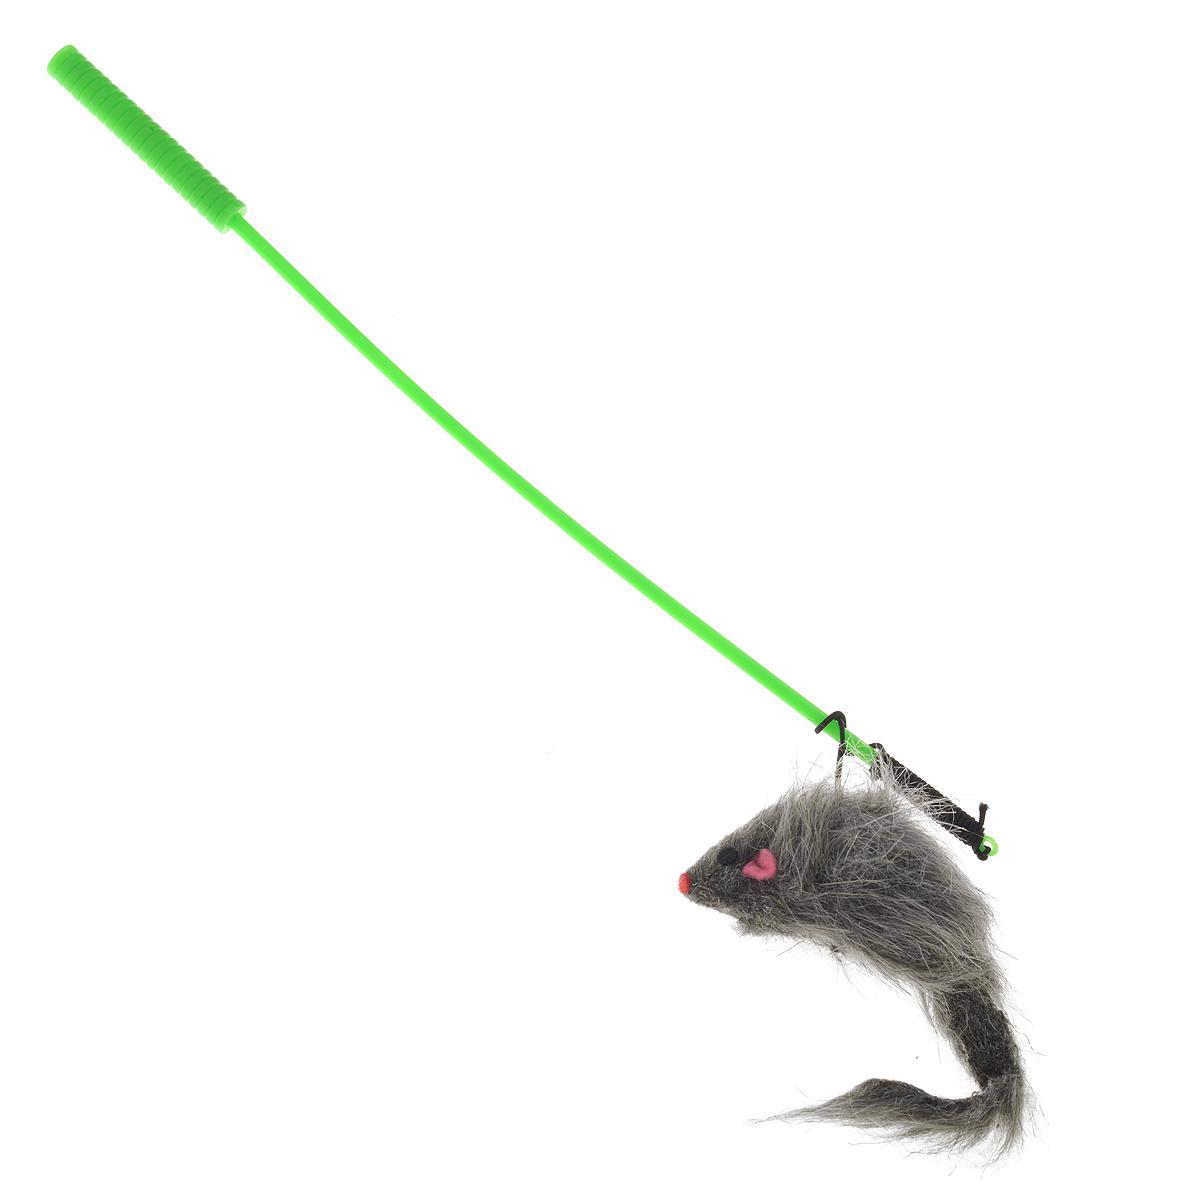 Игрушка для кошек V.I.Pet Дразнилка-удочка с мышью, цвет: серый, зеленый12171996Игрушка для кошек V.I.Pet Дразнилка-удочка с мышью, изготовленная из текстиля и пластика, прекрасно подойдет для веселых игр вашего пушистого любимца. Играя с этой забавной дразнилкой, маленькие котята развиваются физически, а взрослые кошки и коты поддерживают свой мышечный тонус. Яркая игрушка на конце удочки сразу привлечет внимание вашего любимца, не навредит здоровью, и увлечет его на долгое время. Длина удочки: 37 см.Размер игрушки: 10 см х 4 см х 3 см.